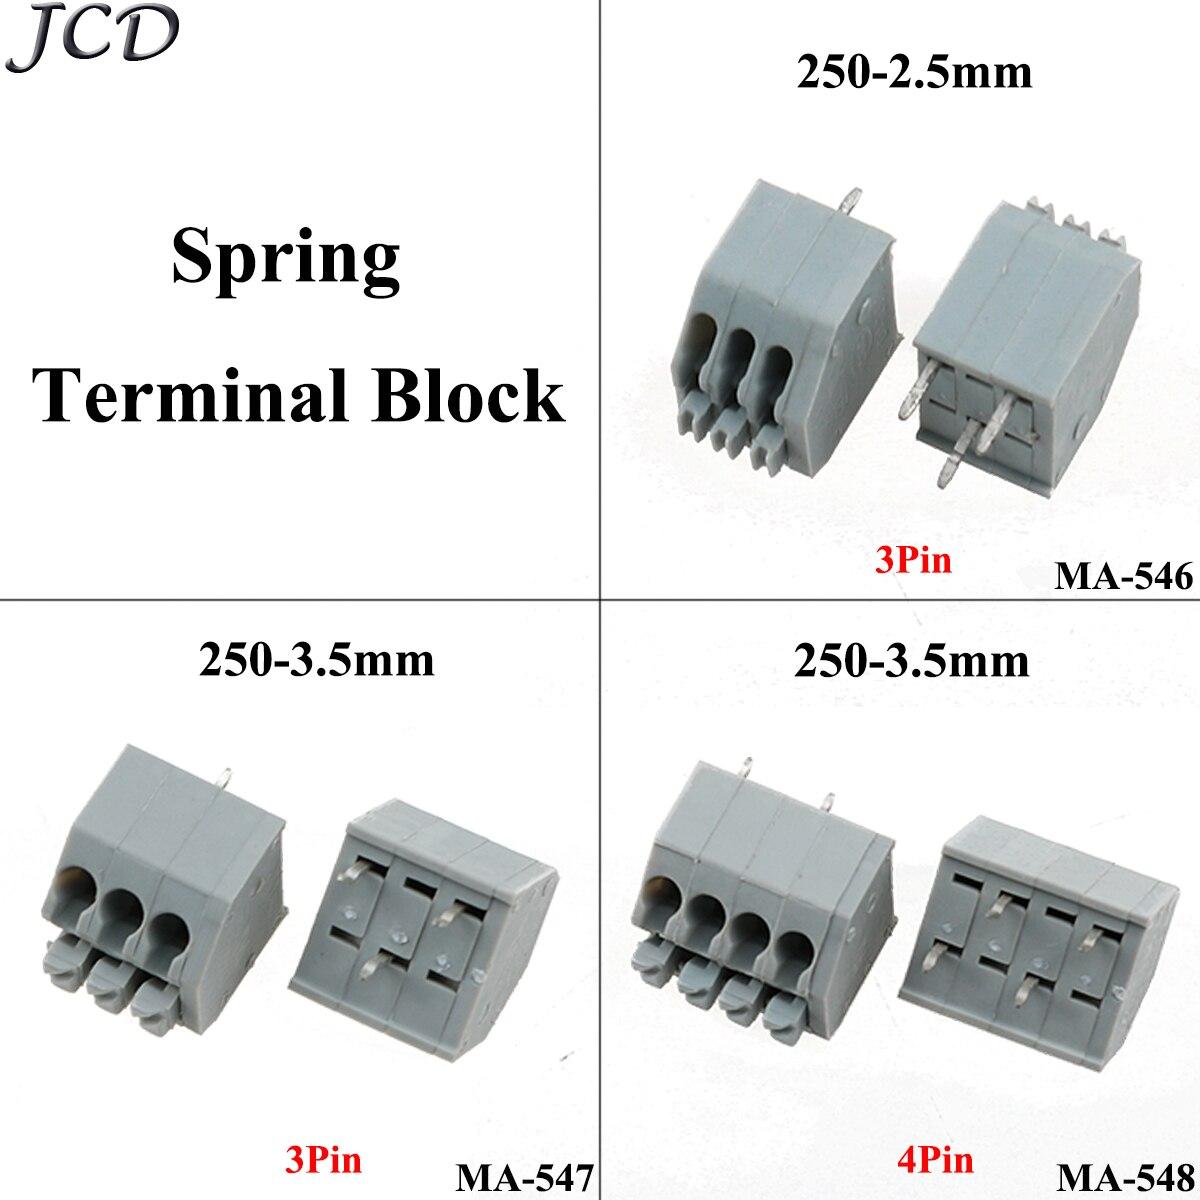 JCD 250-2,5mm/3,5mm de conexión tipo de resorte Bloque de terminales Pcb 3 P/4 P conector de bloque de terminales gris